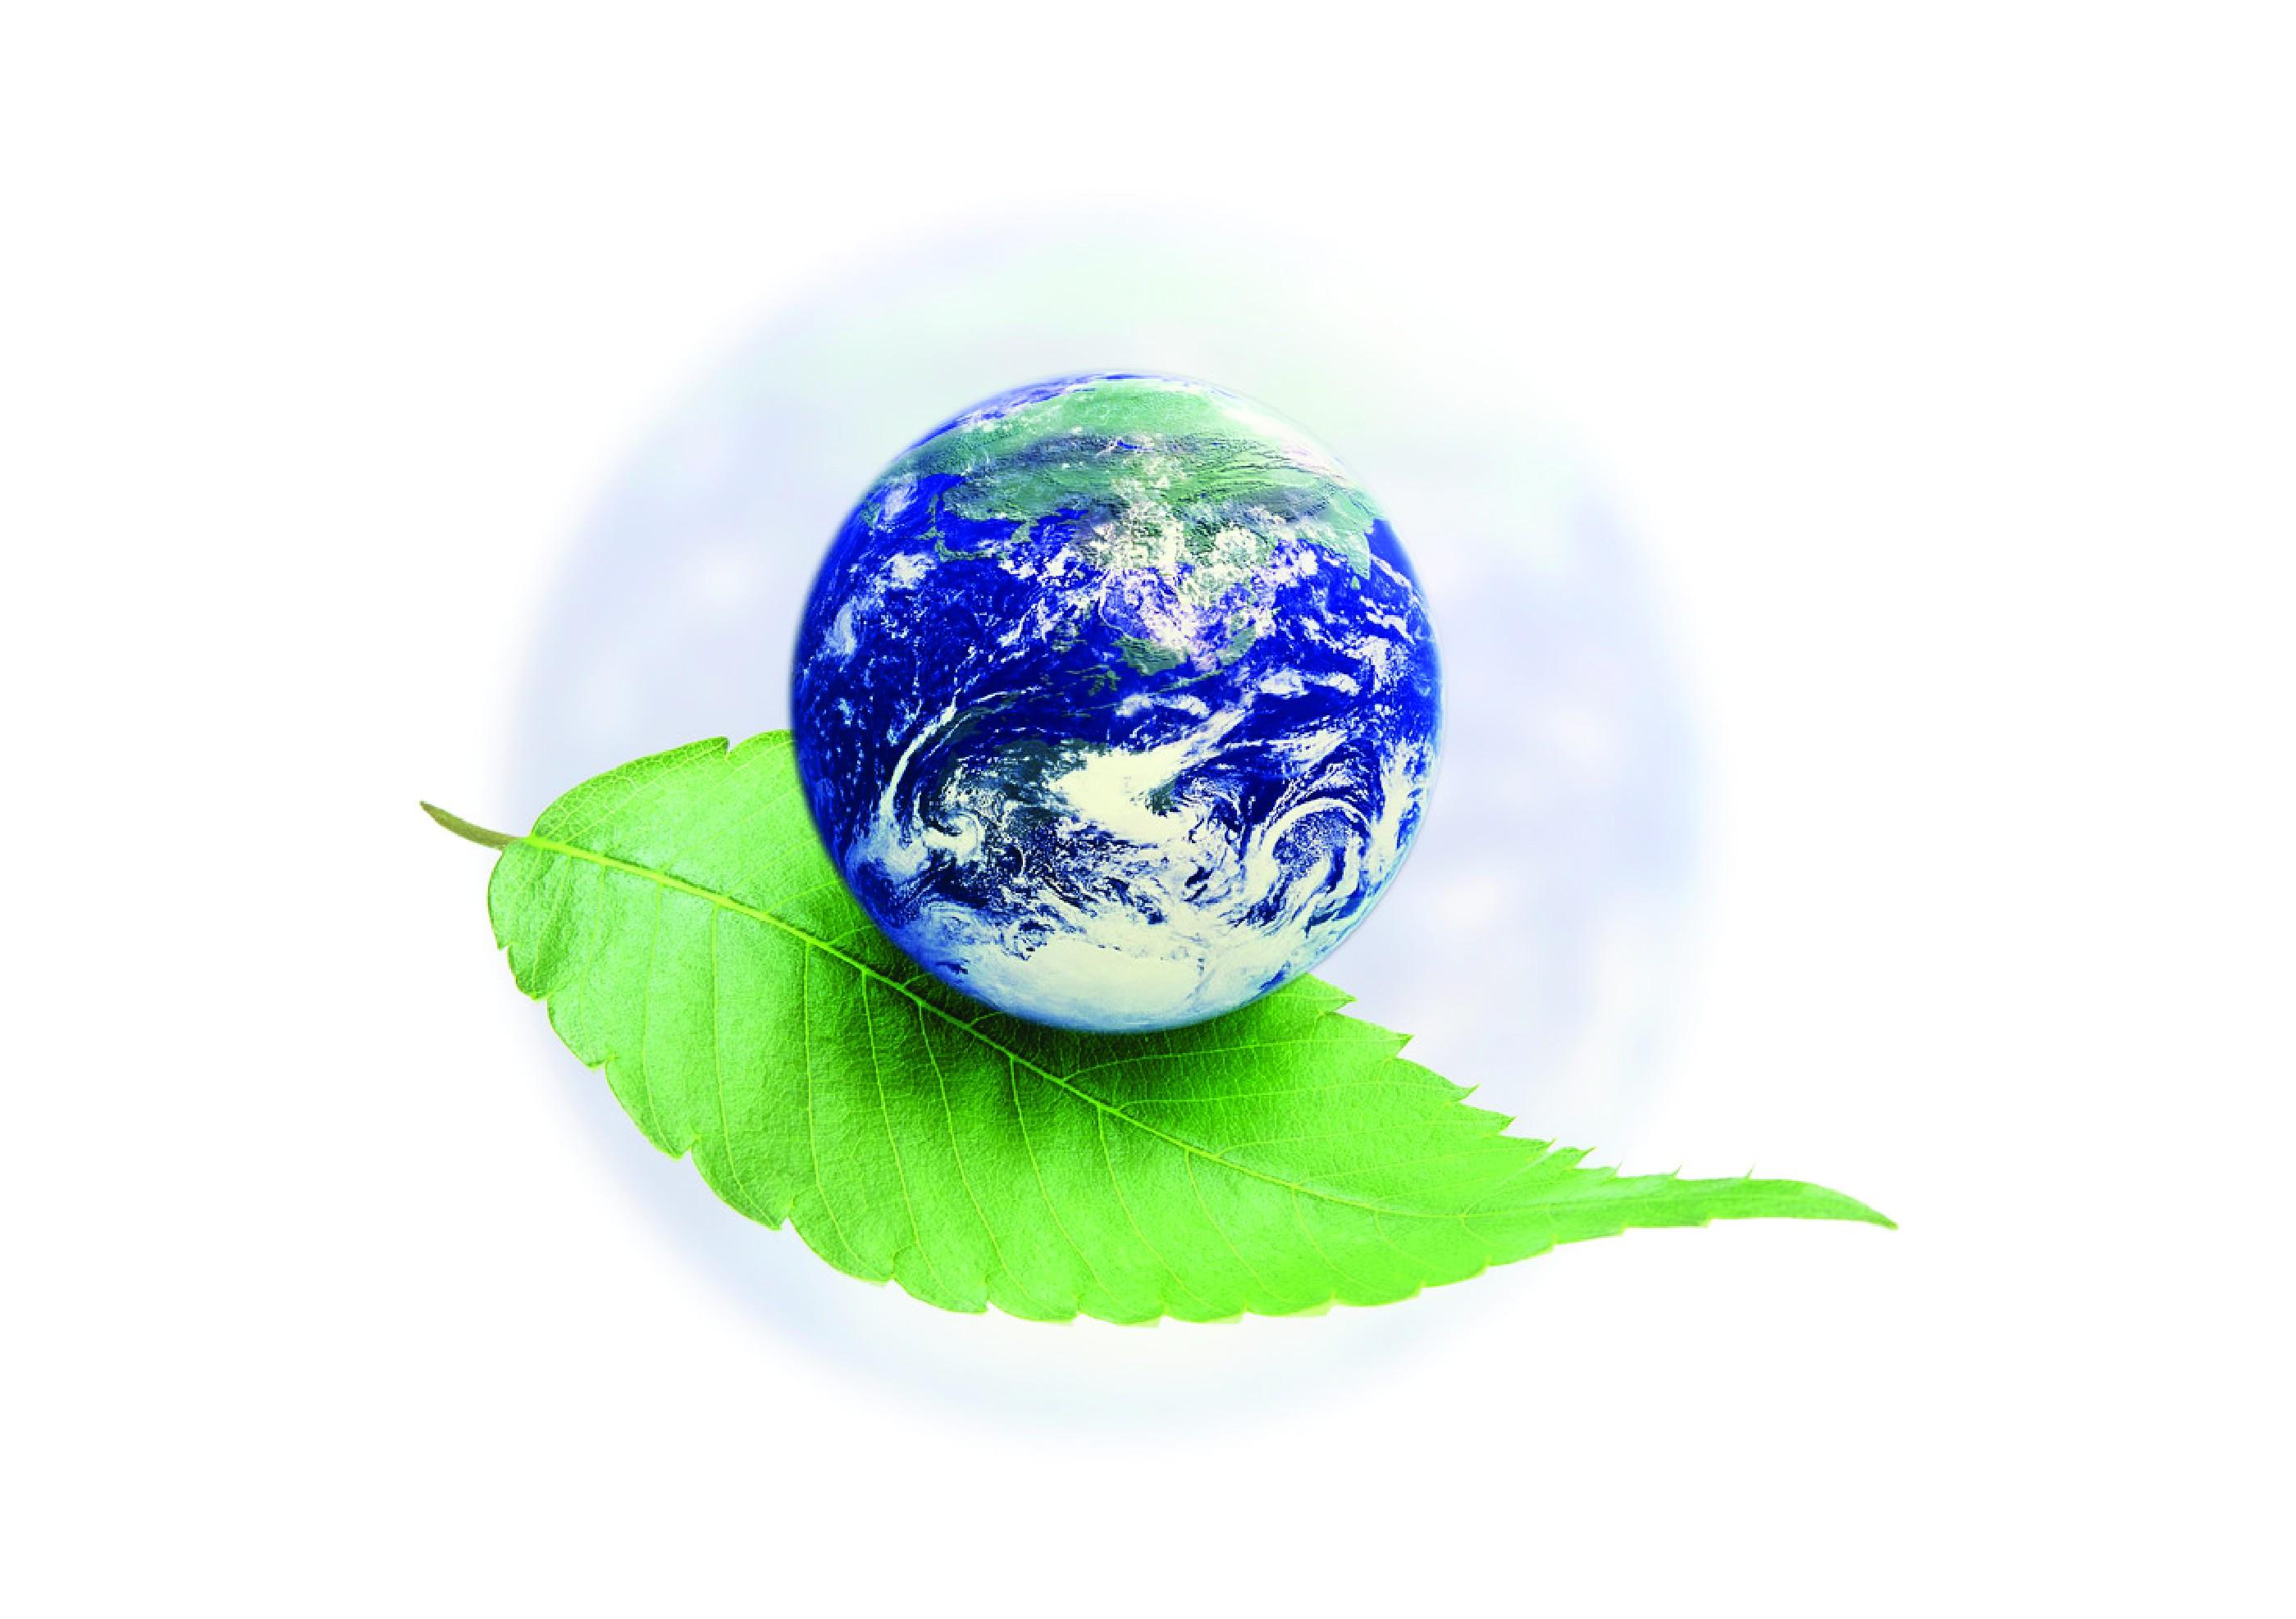 الالتزام البيئي يعرض قروض بـ7 ملايين جنيه على المصانع لترشيد الطاقة